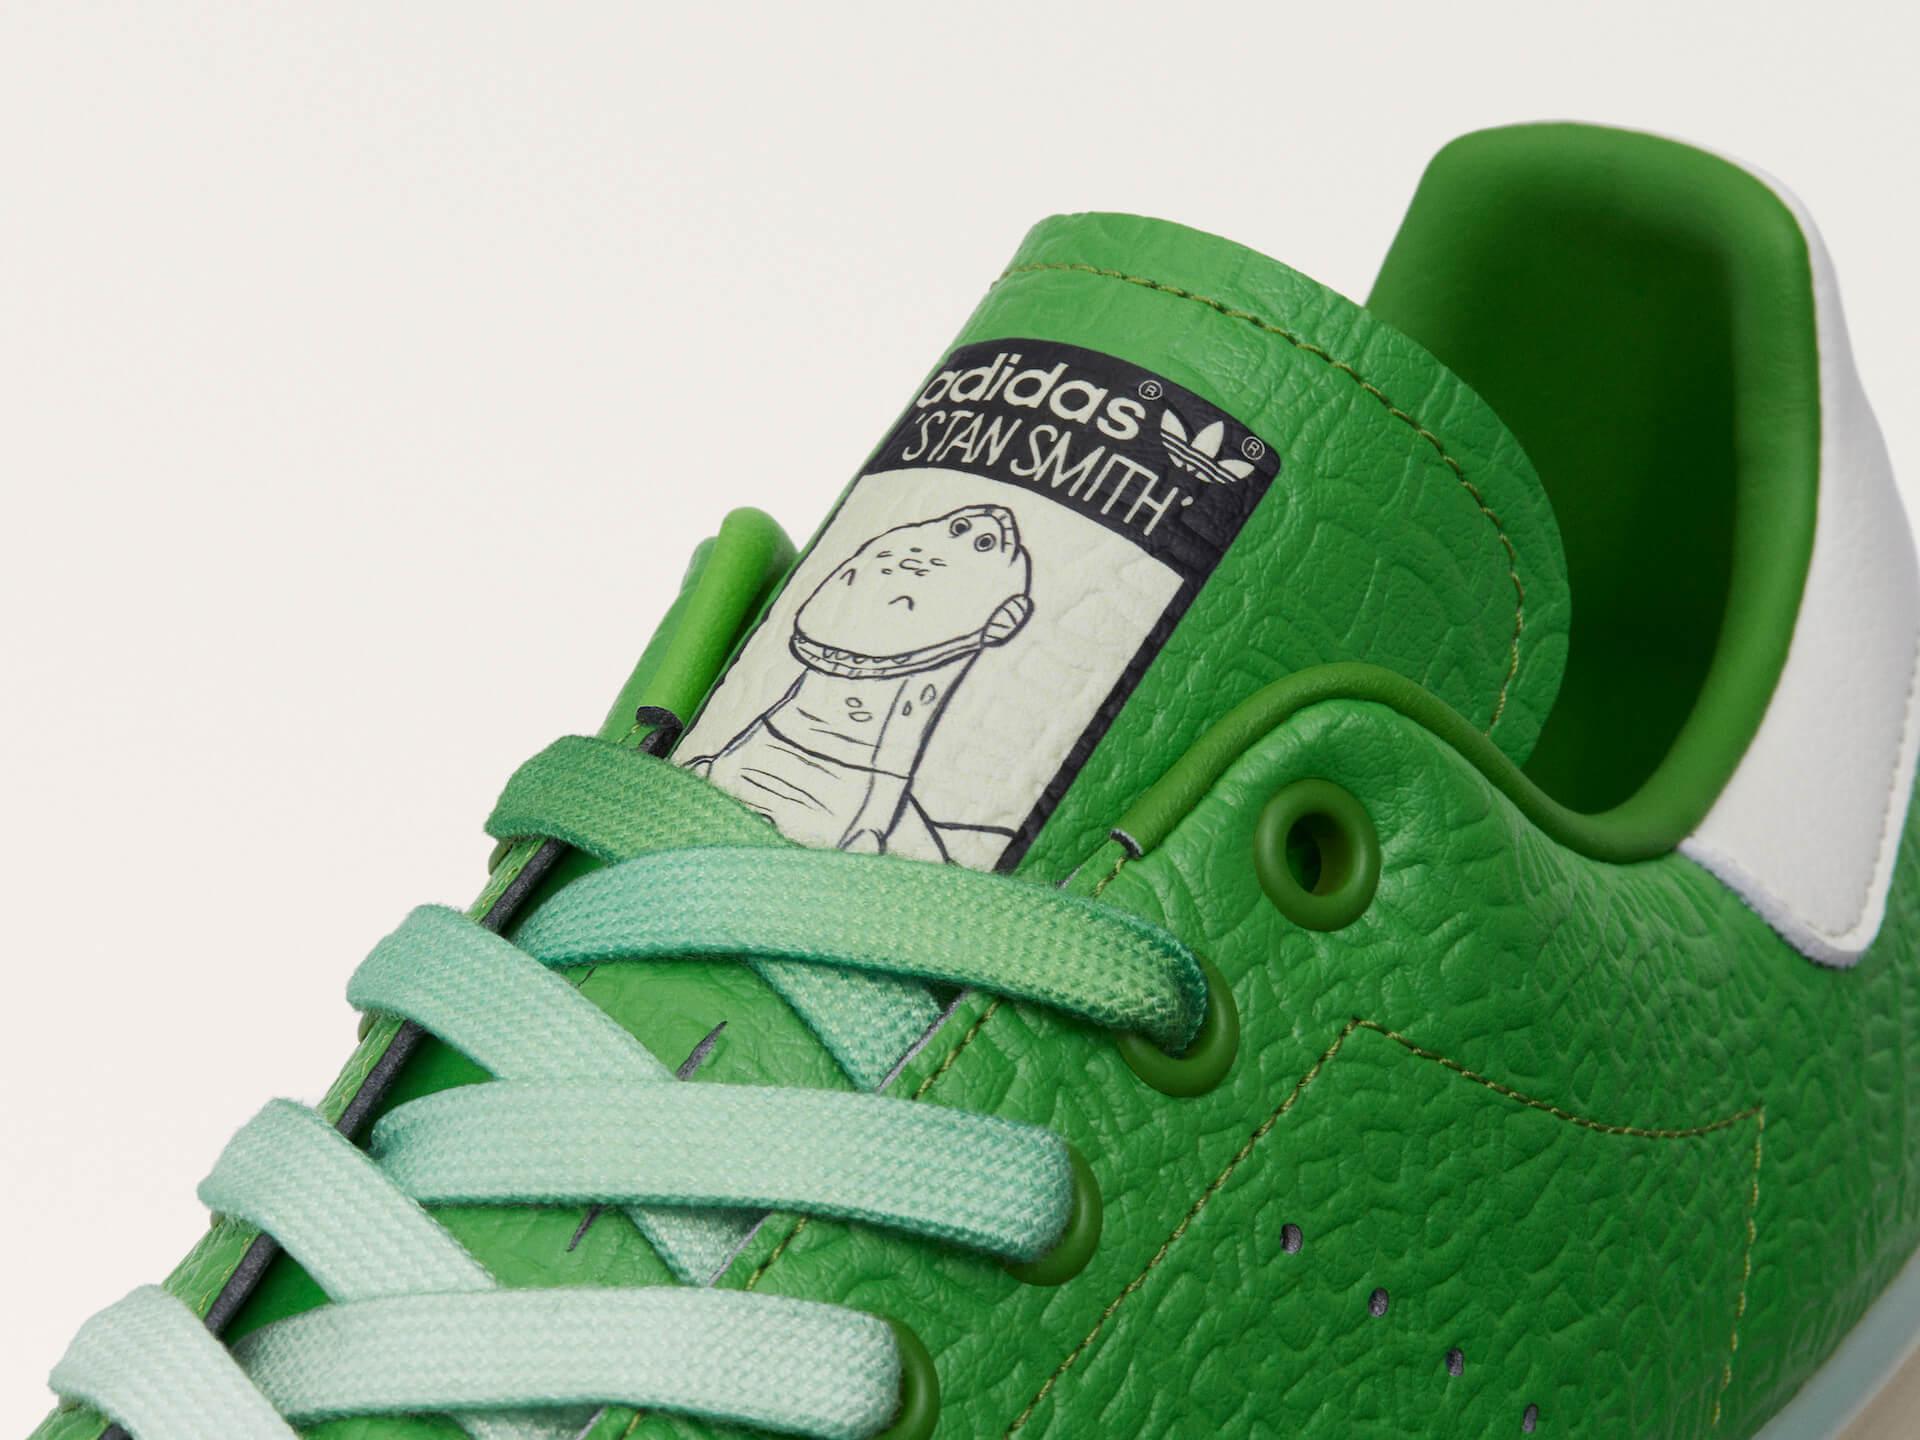 adidas「スタンスミス」のサステナブルコレクションに『モンスターズ・インク』マイク・ワゾウスキやマーベル・ハルクを配したモデルが登場! life210323_adidas_stansmith_7